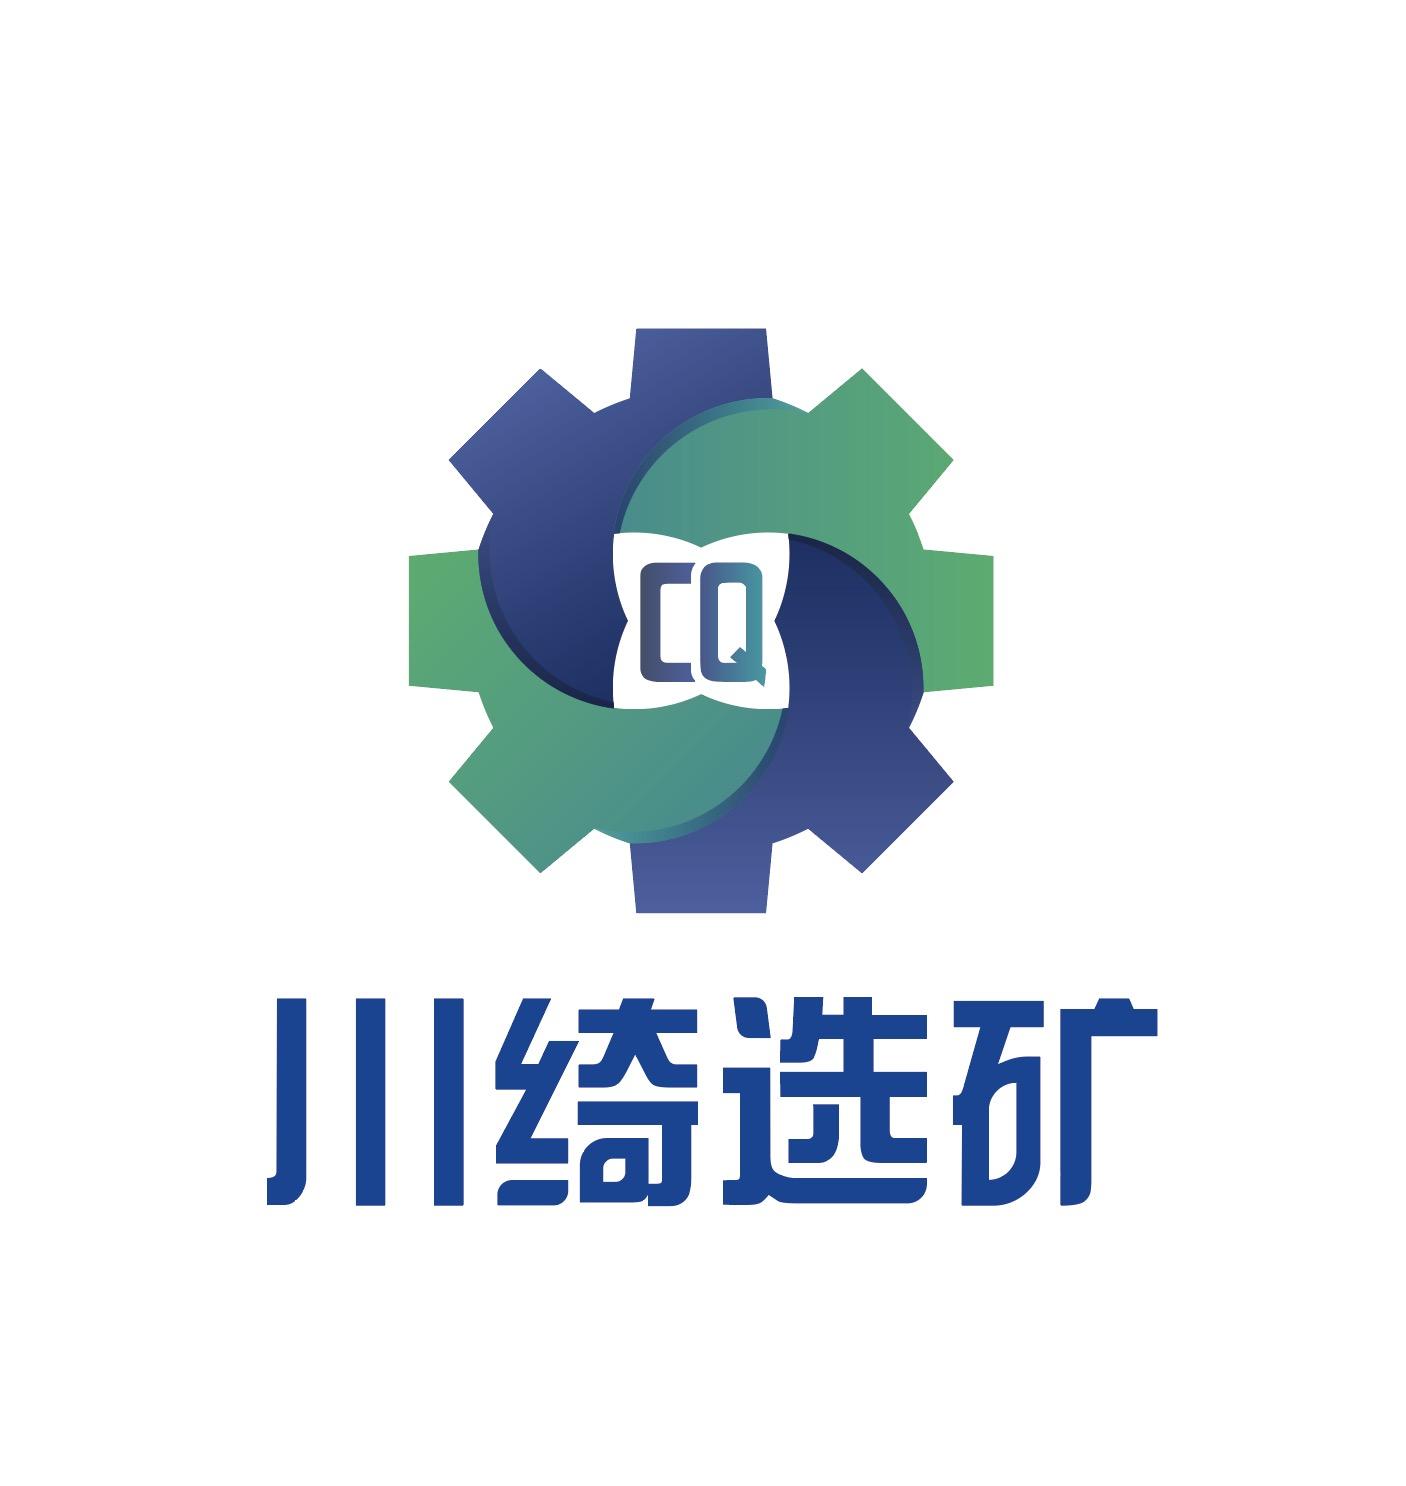 江西省川绮选矿设备制造有限公司